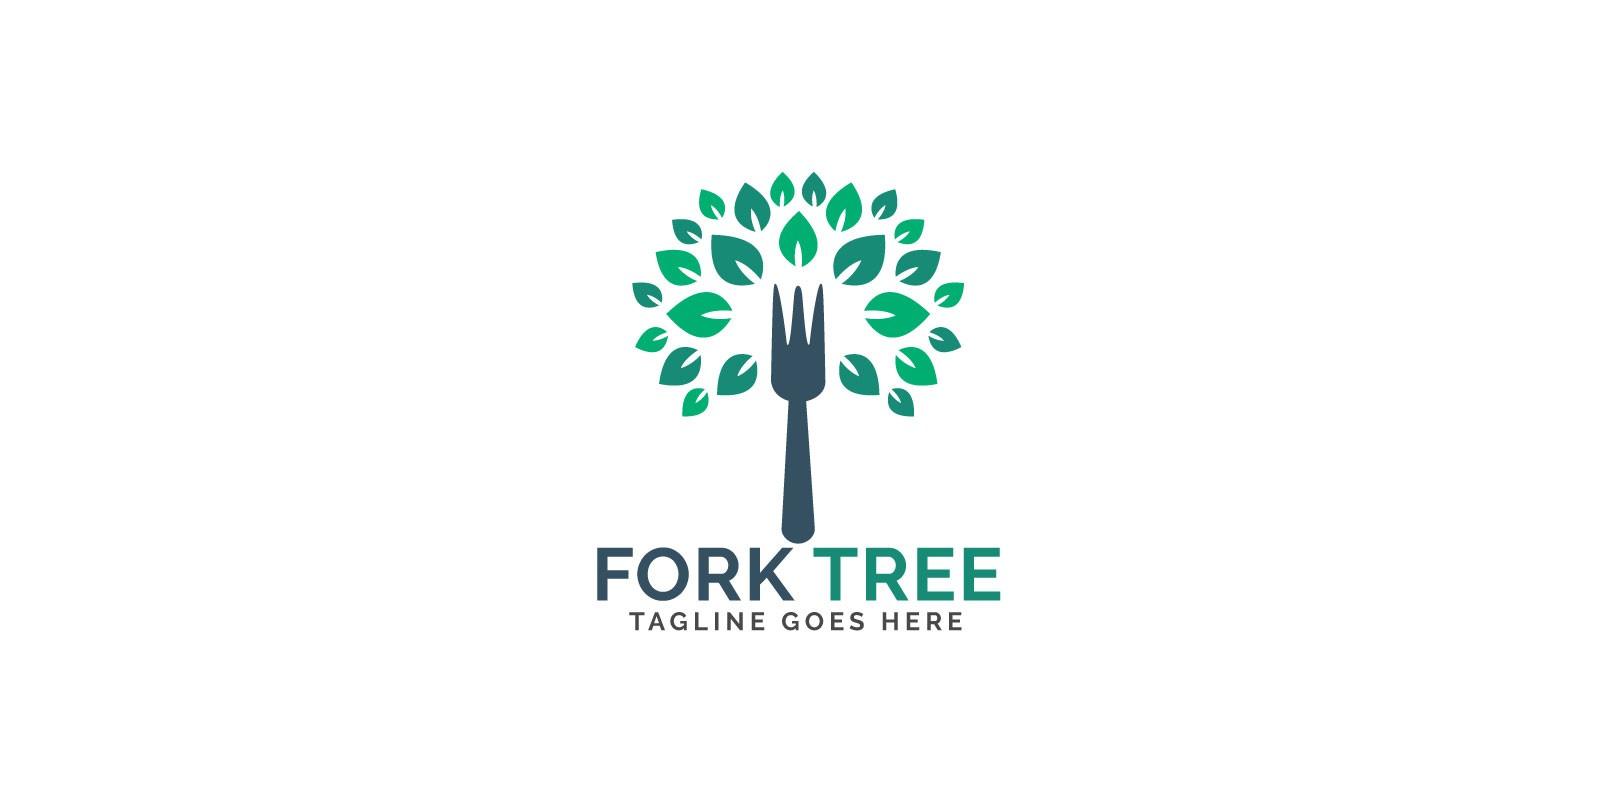 Fork Tree Logo Design